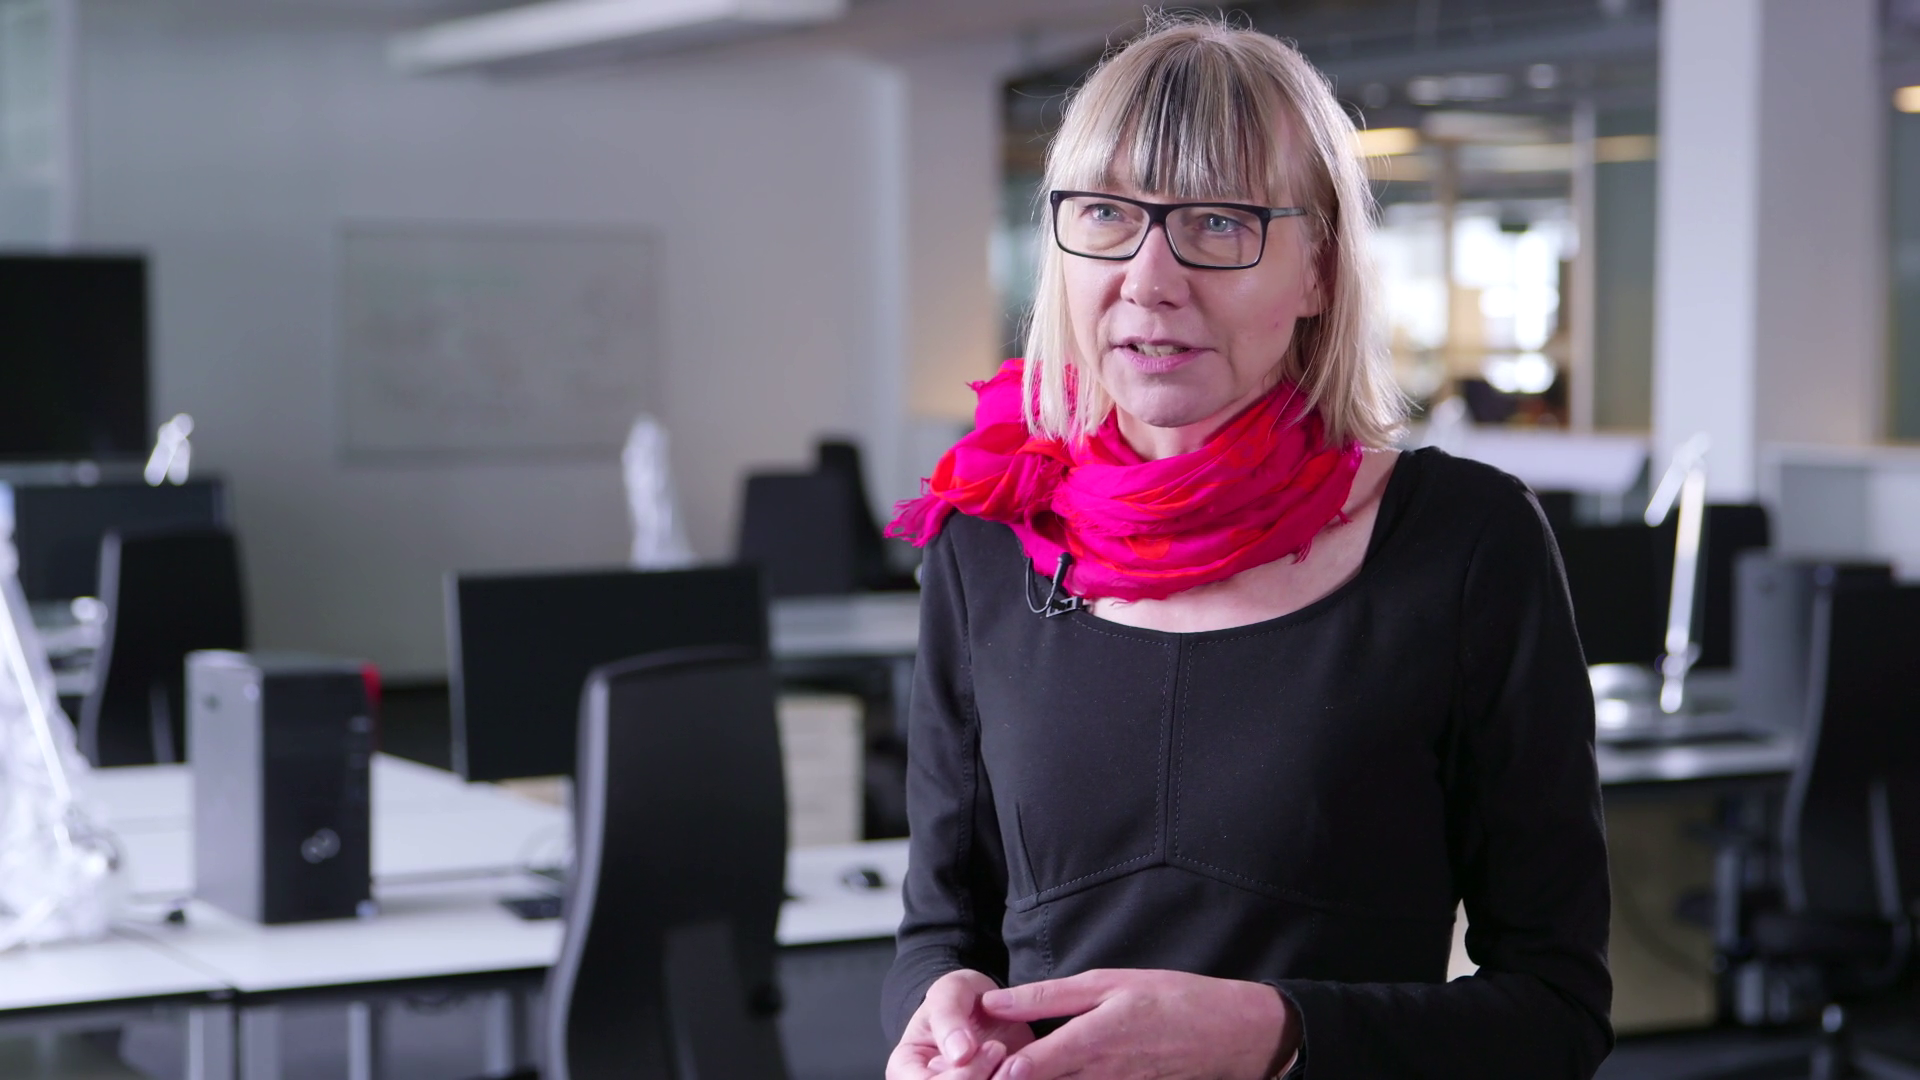 Prof. Dr. Sabine Pfeiffer - Wie arbeiten wir zukünftig? preview image